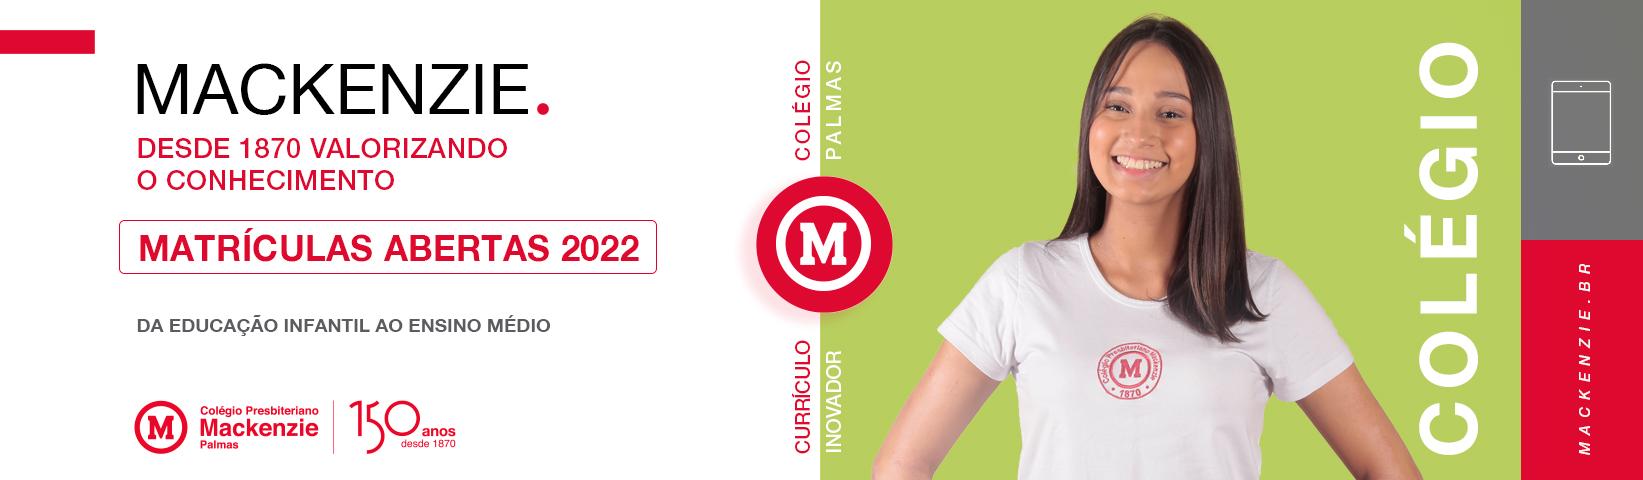 Colégio Presbiteriano Mackenzie Palmas. Matrículas Abertas 2022. Mackenzie. Desde 1870 valorizando o conhecimento